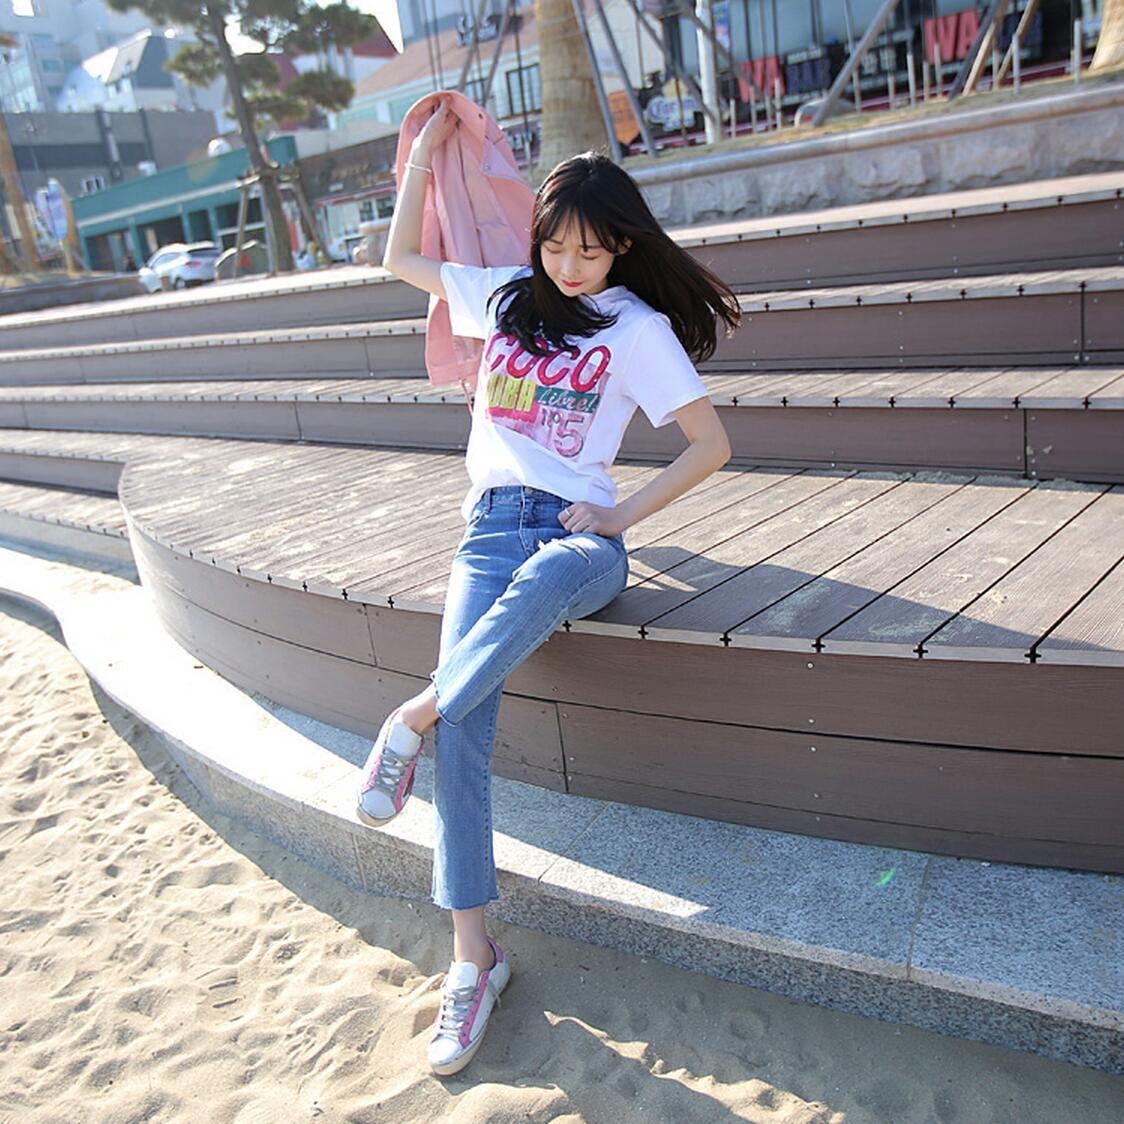 Короткие куртки женщин лето 2017 новой корейской версии джокер сделать рубашку печати небольших хлопковые поля дышать сладкий сладкий колледж t рубашка